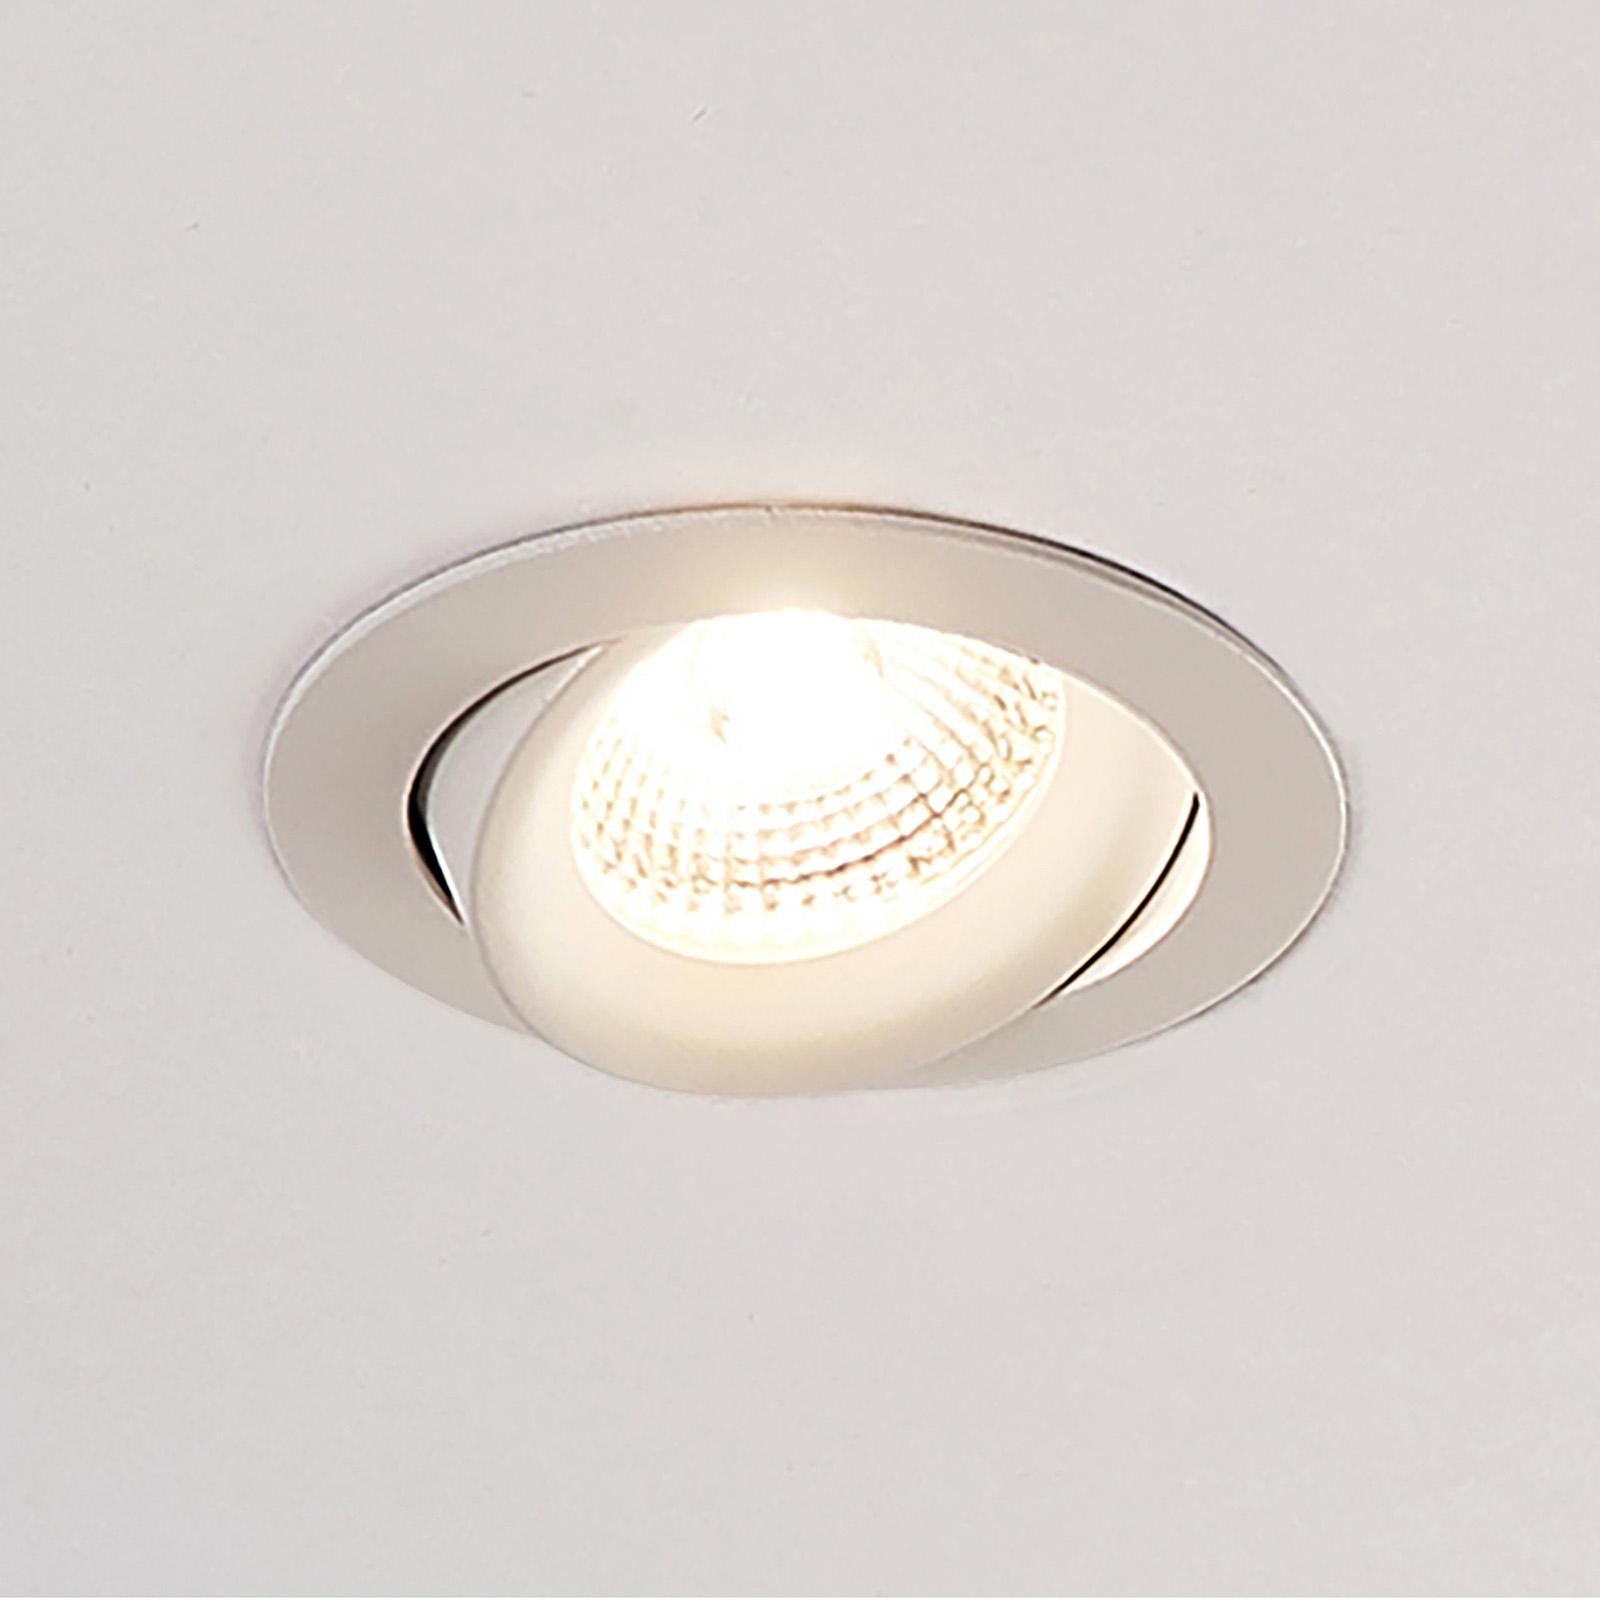 Arcchio Ozias - LED-kohdevalo, valkoinen 7,7 W